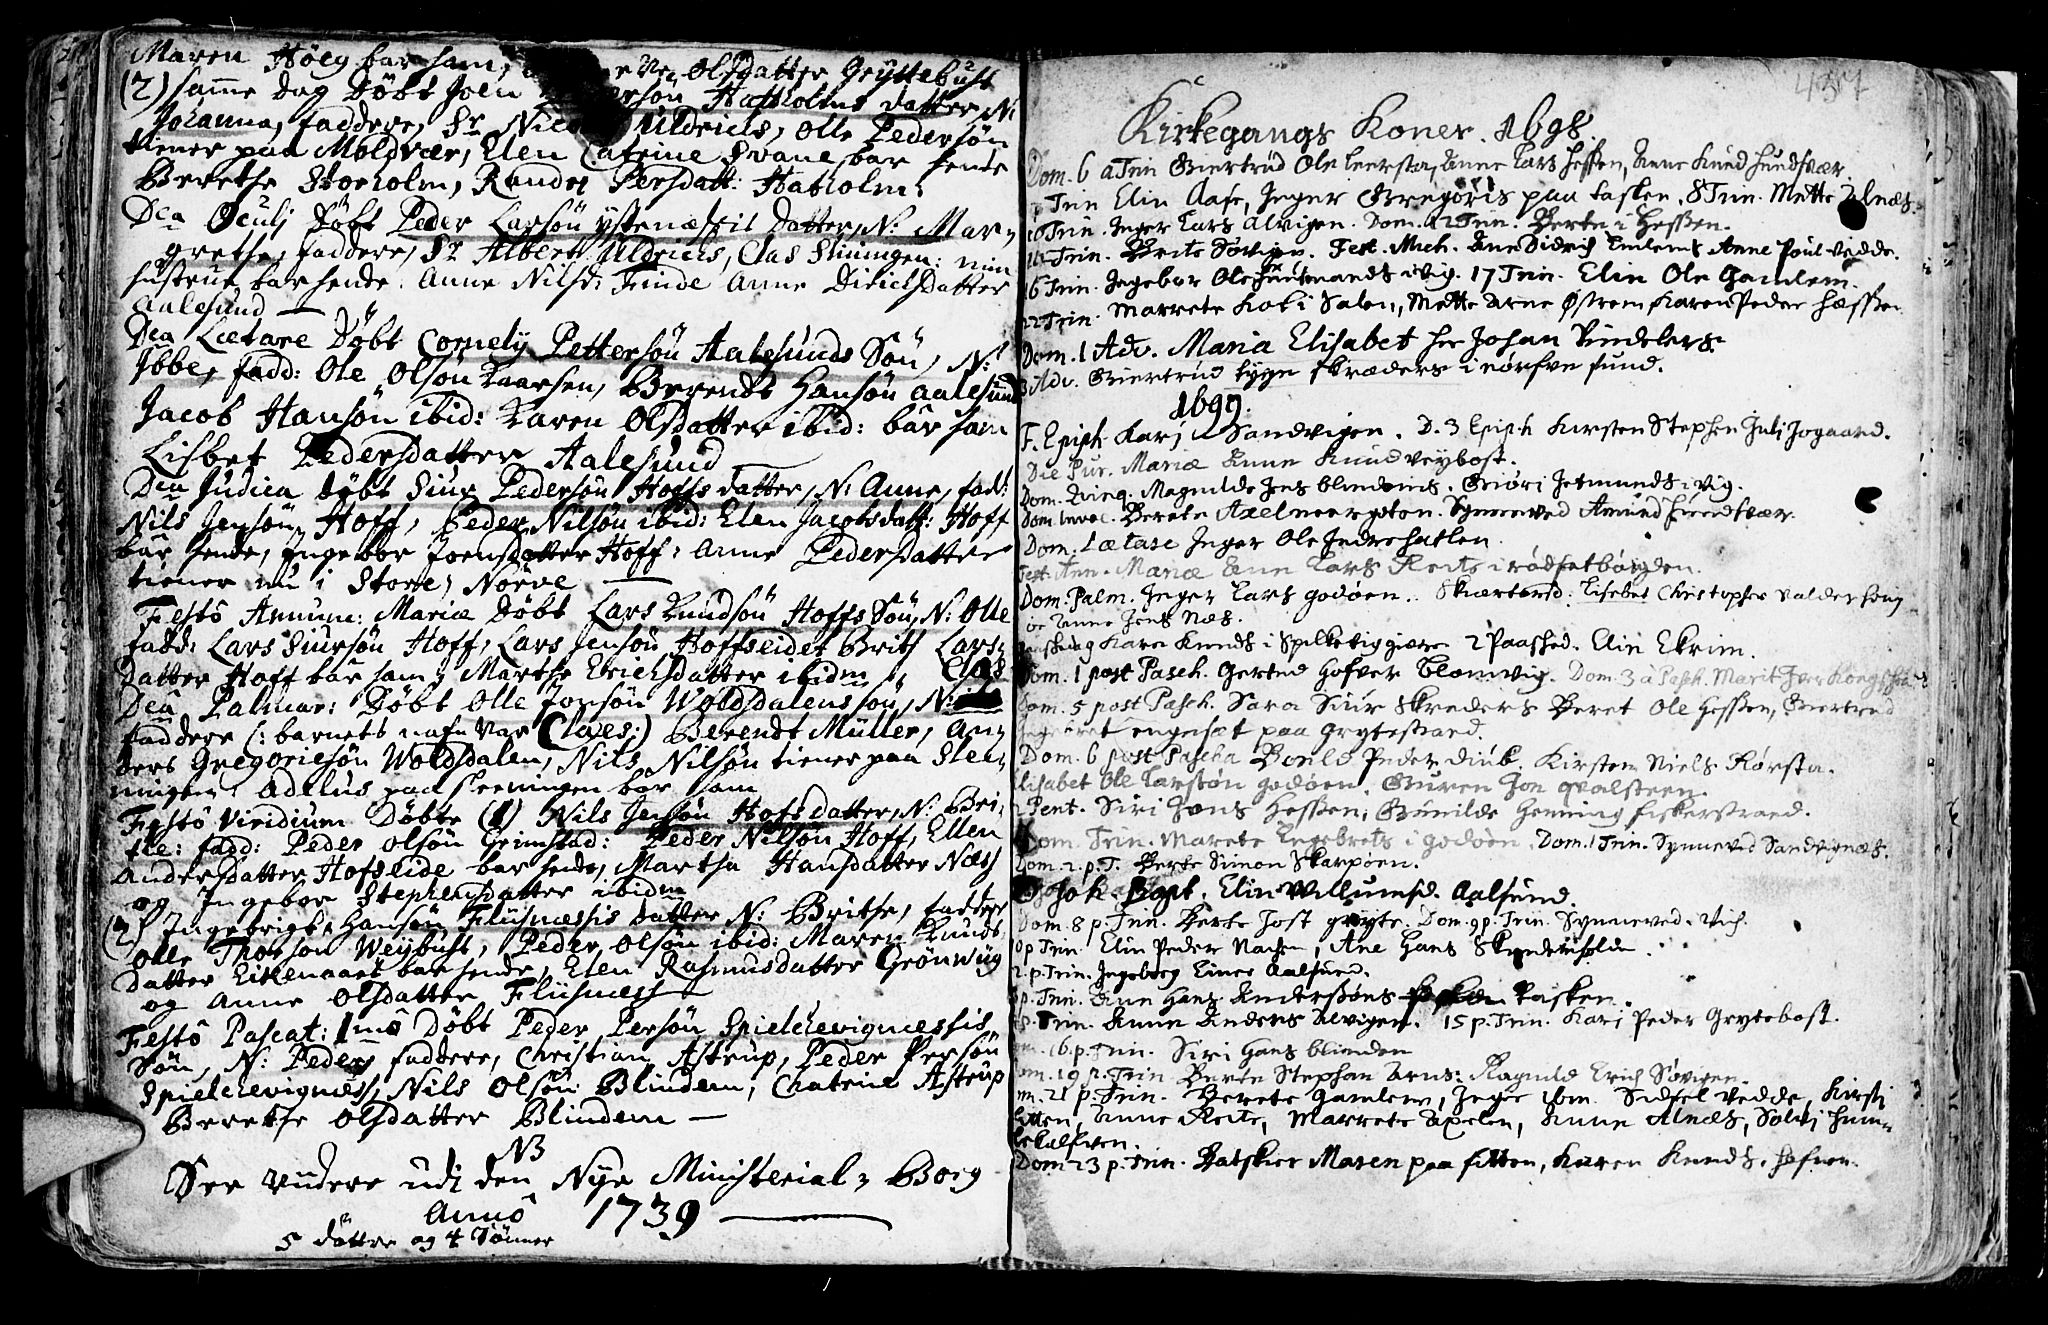 SAT, Ministerialprotokoller, klokkerbøker og fødselsregistre - Møre og Romsdal, 528/L0390: Ministerialbok nr. 528A01, 1698-1739, s. 436-437